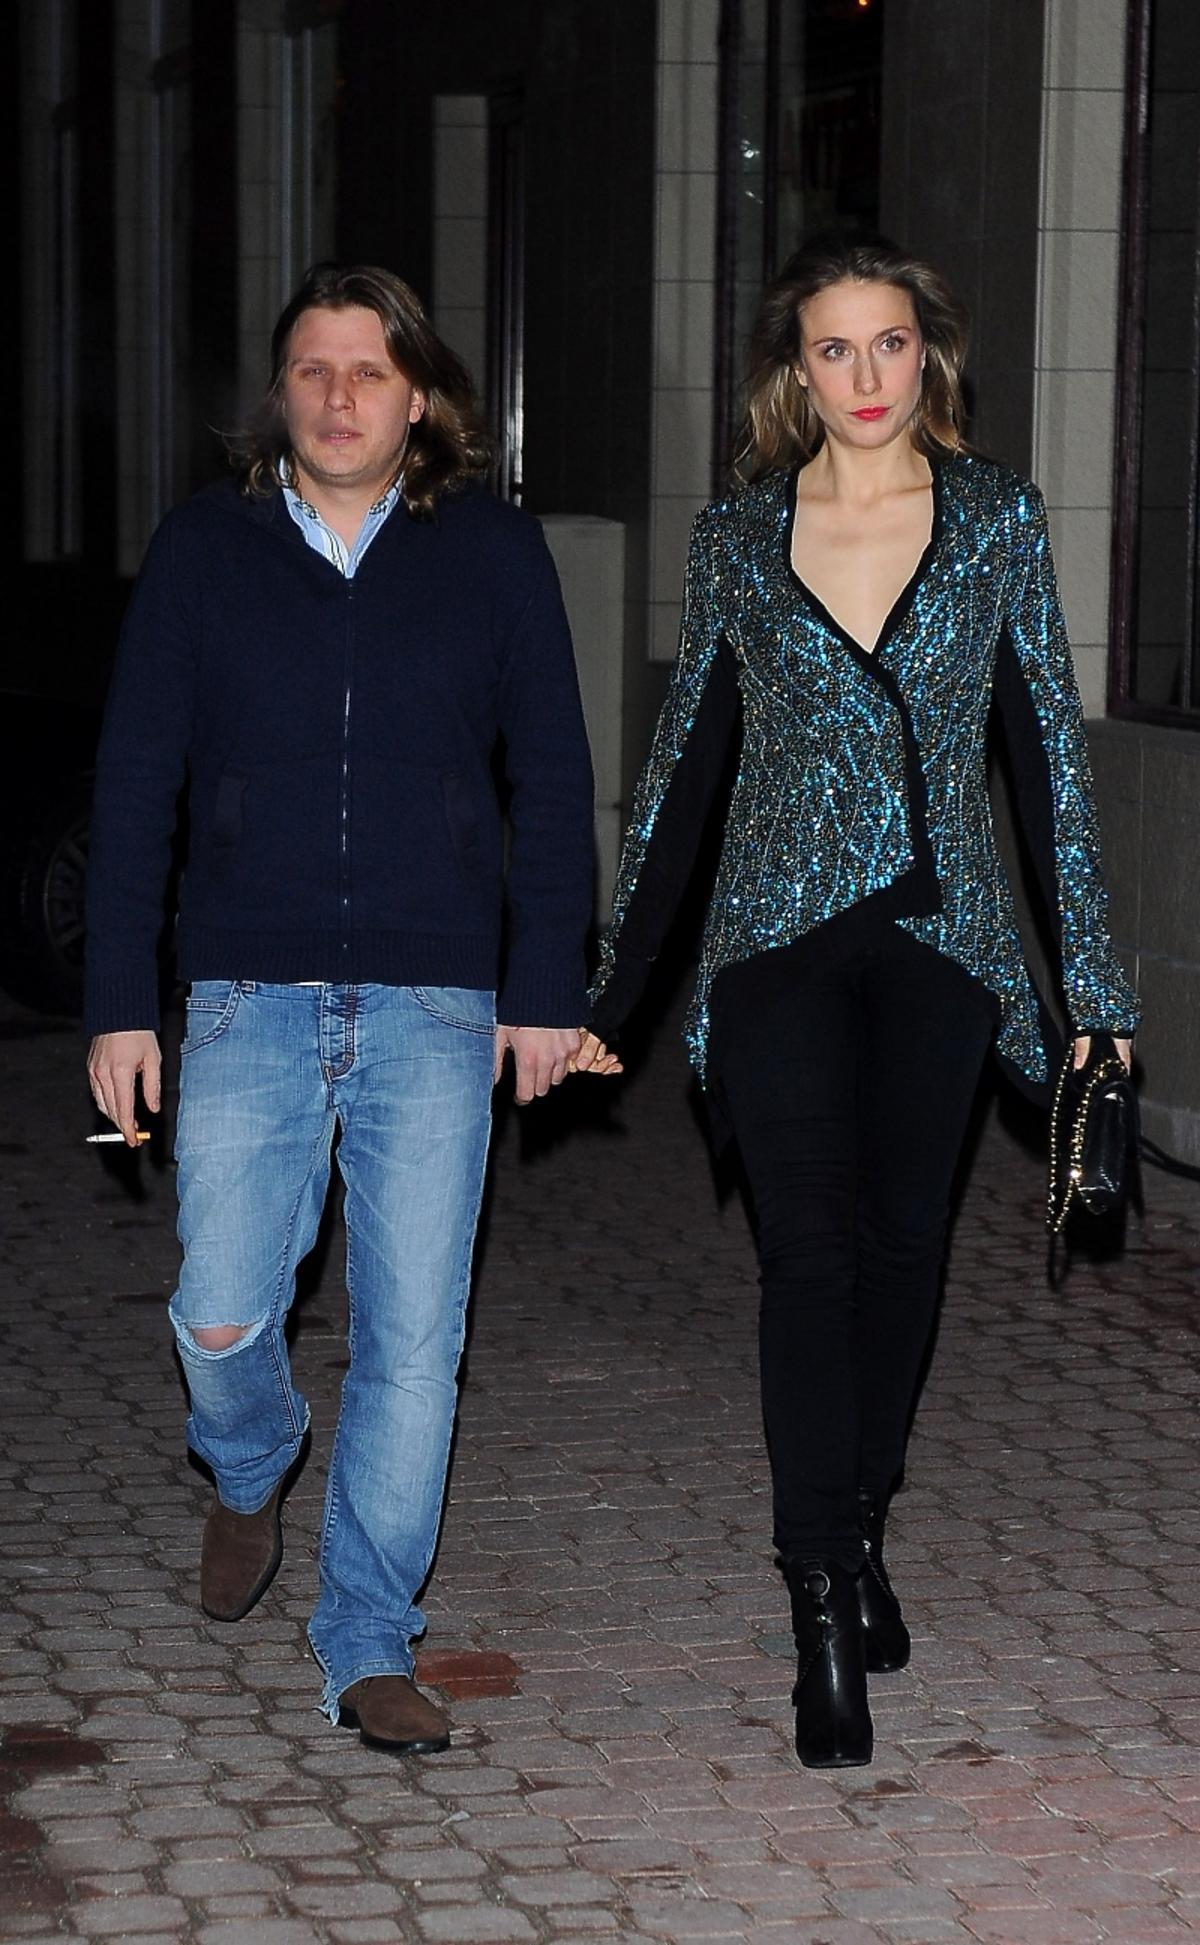 Natalia Klimas i Piotr Starak na otwarciu restauracji Borysa Szyca